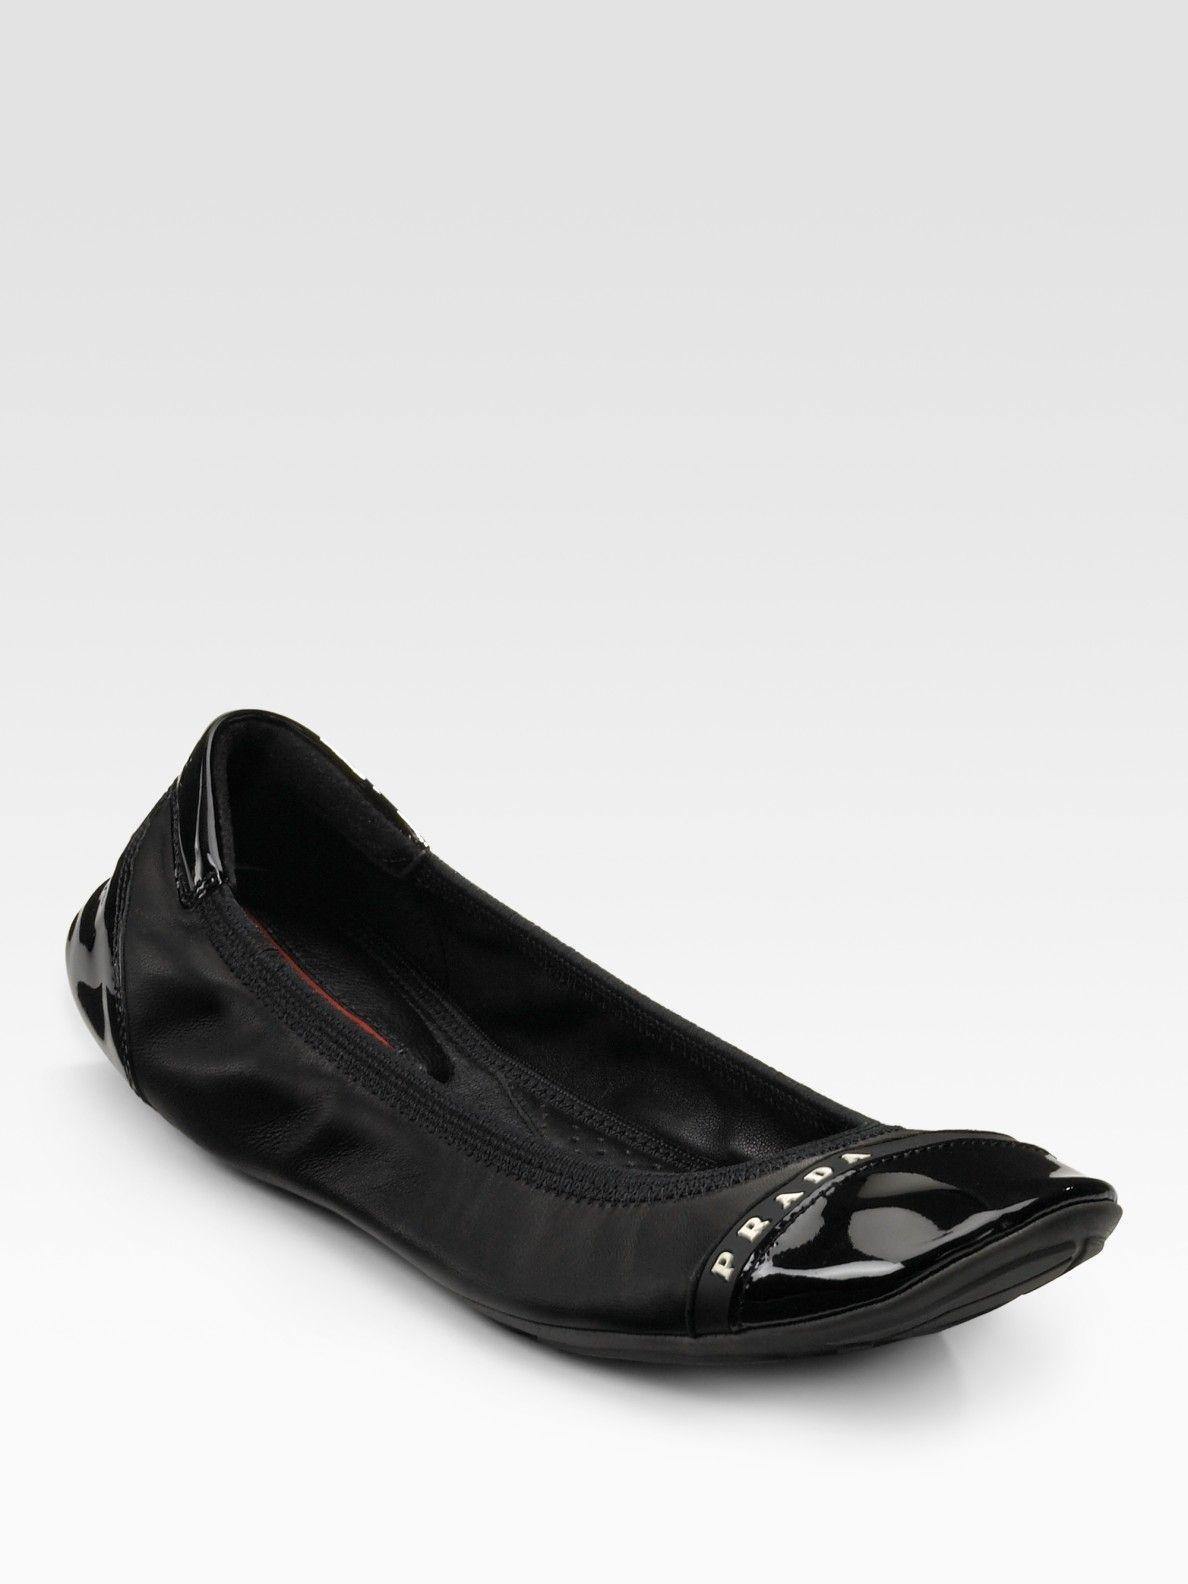 ae82ea458f Women's Black Scrunch Ballet Flats | Flats! | Ballet flats, Flats, Prada